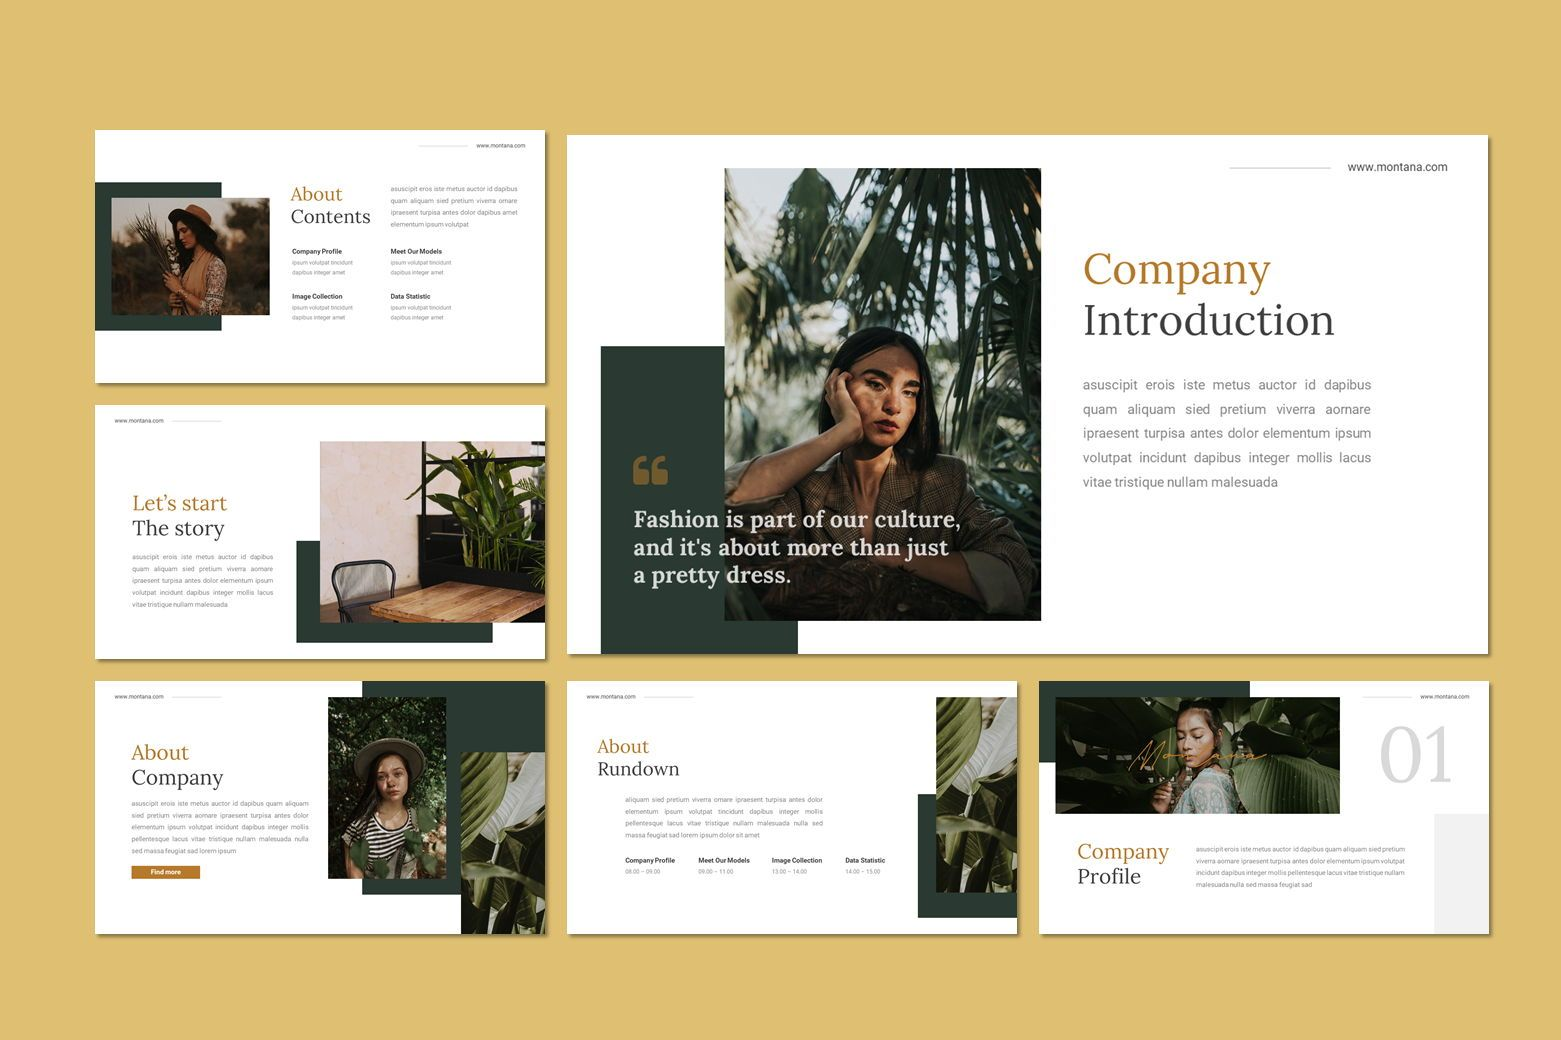 Montana - Google Slides Template, Slide 8, 07562, Presentation Templates — PoweredTemplate.com